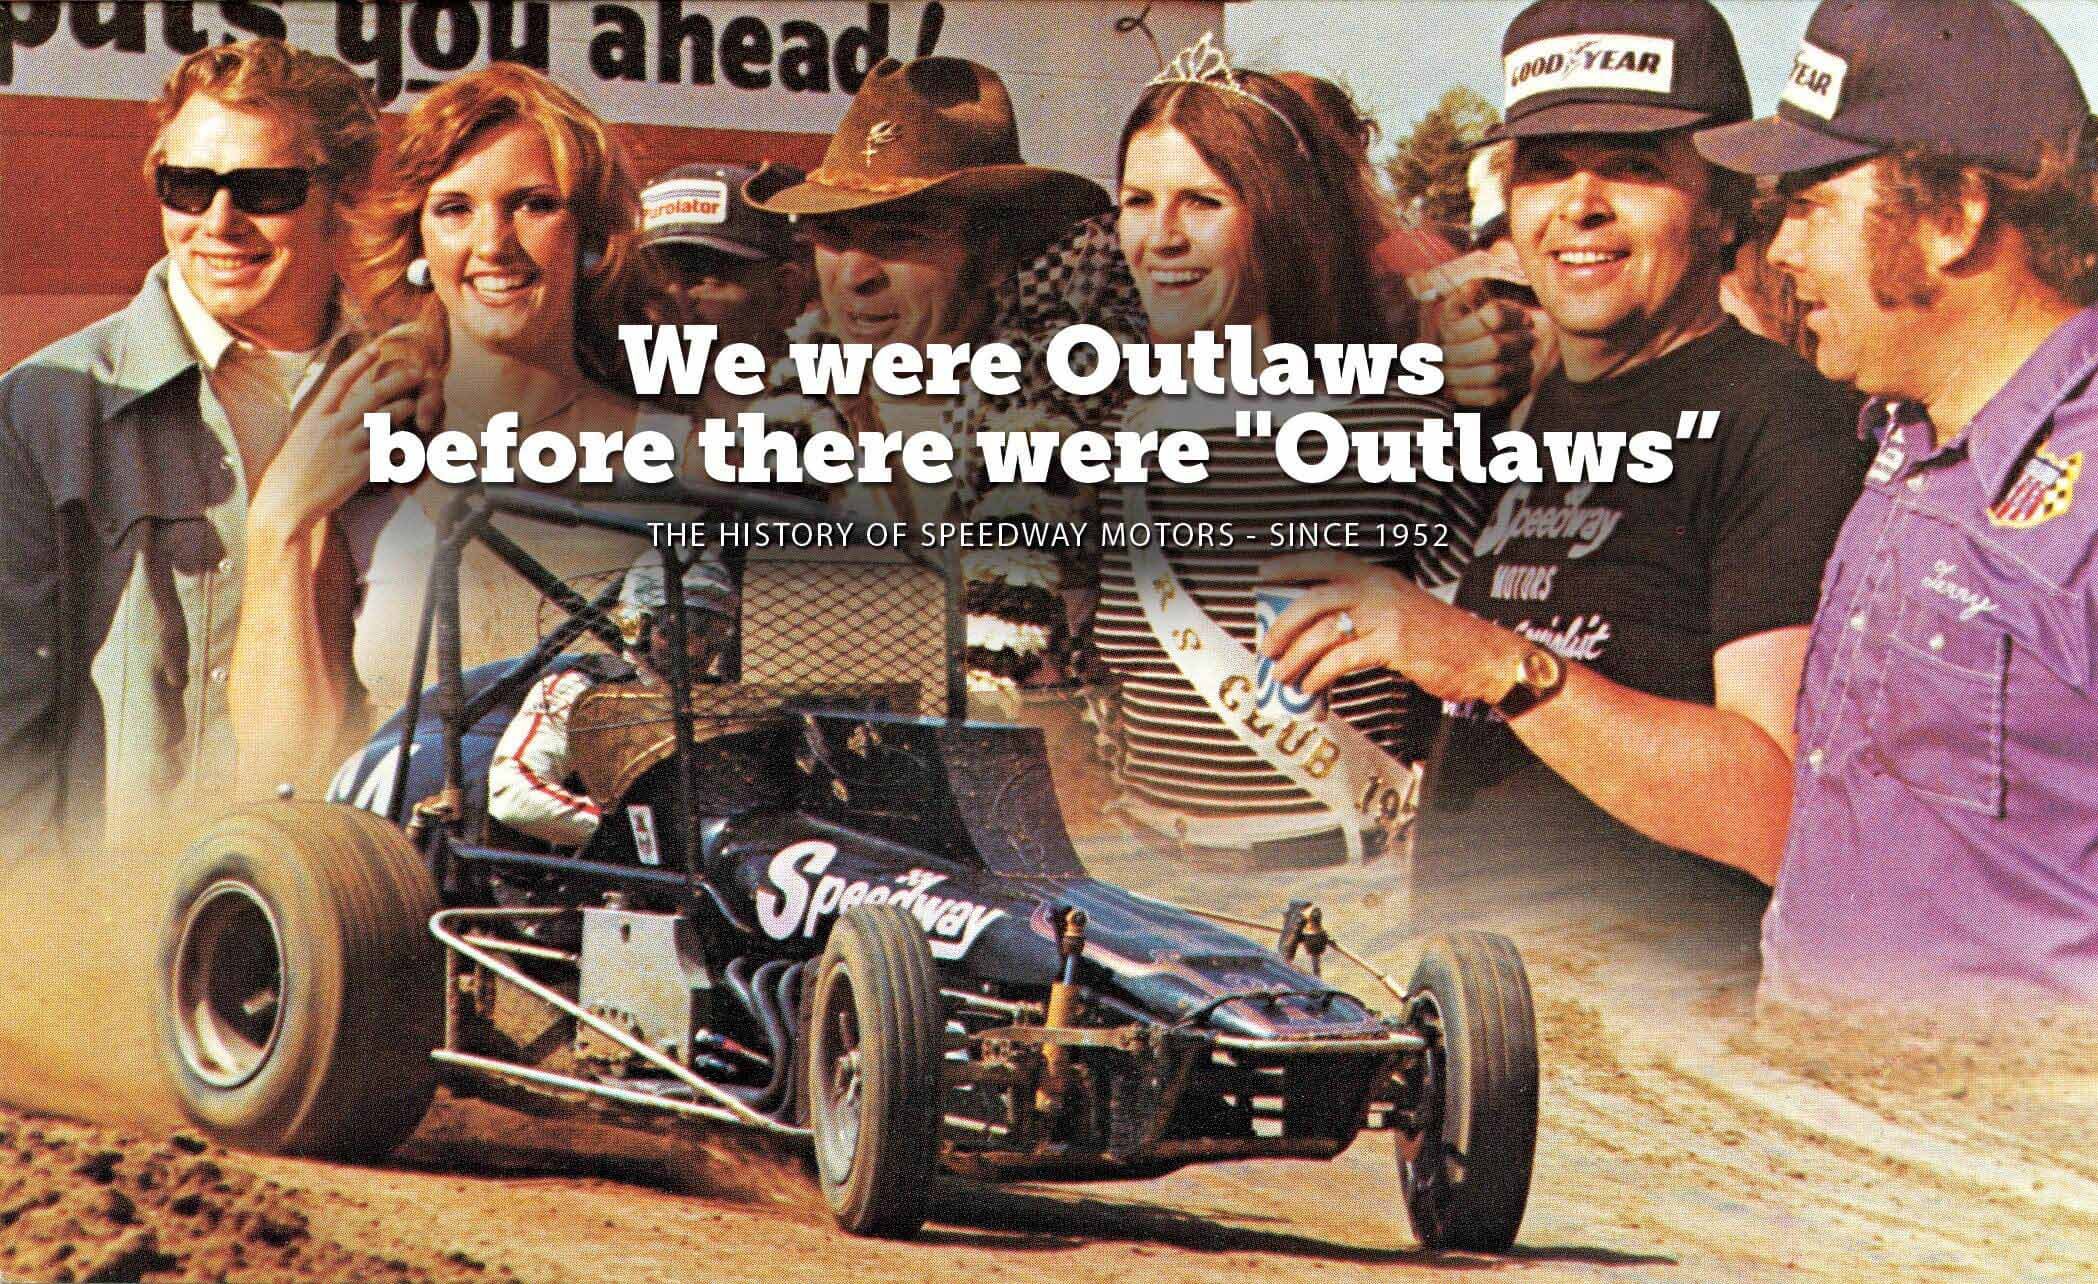 History of Speedway Motors